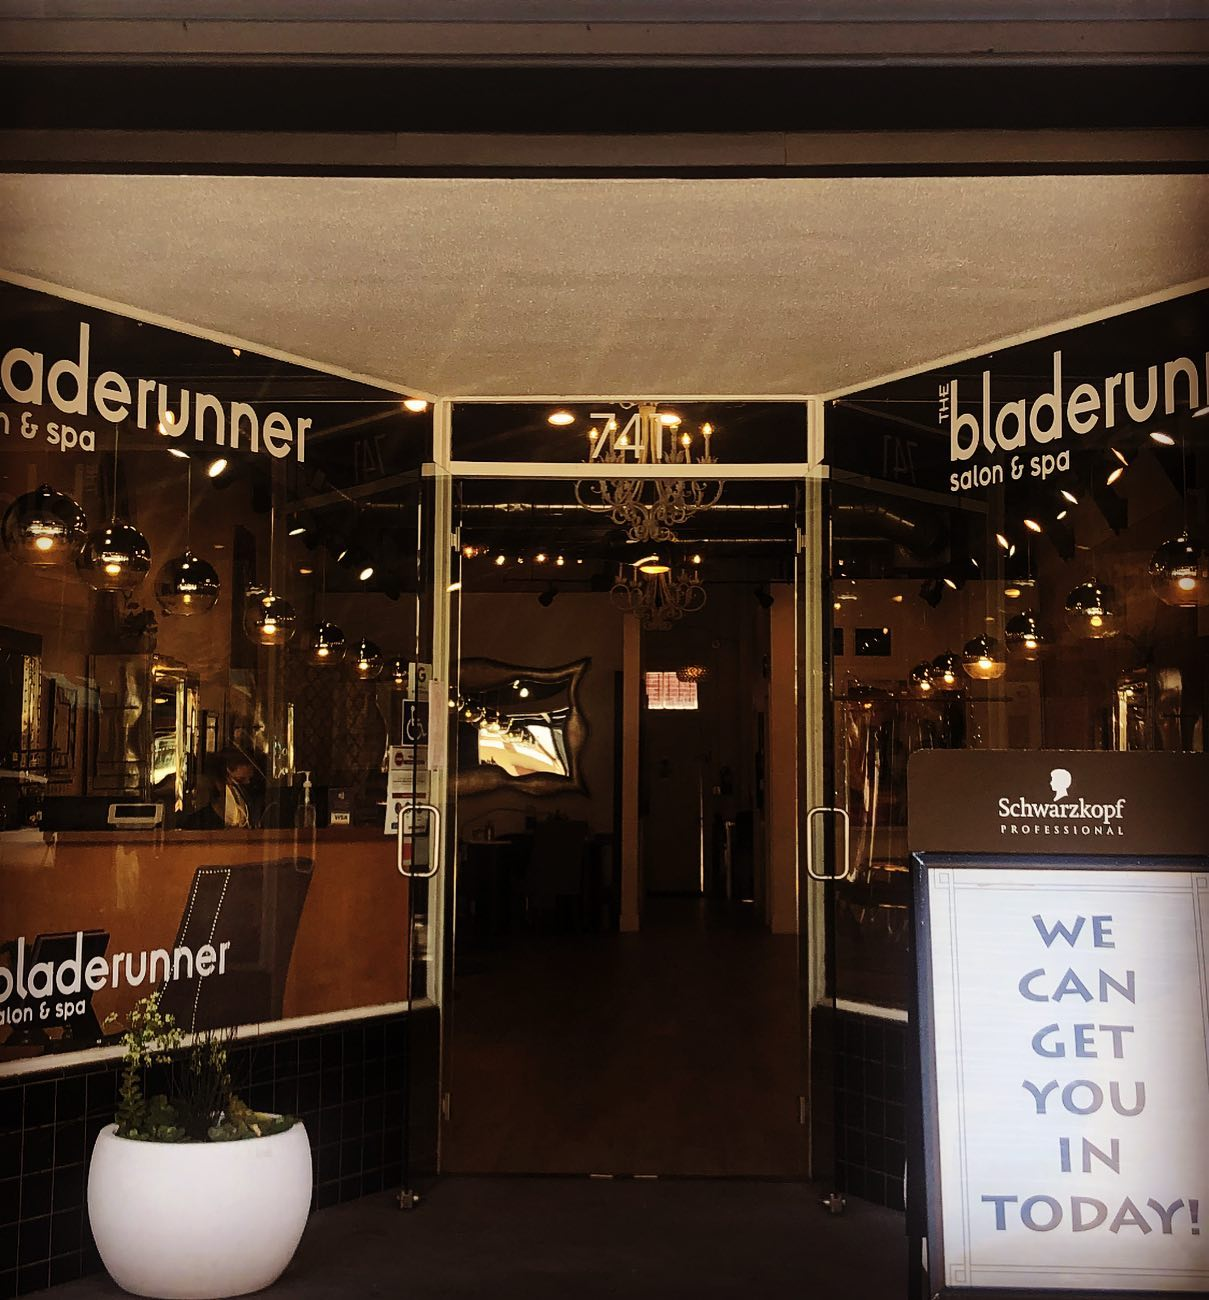 The BladeRunner Salon & Spa